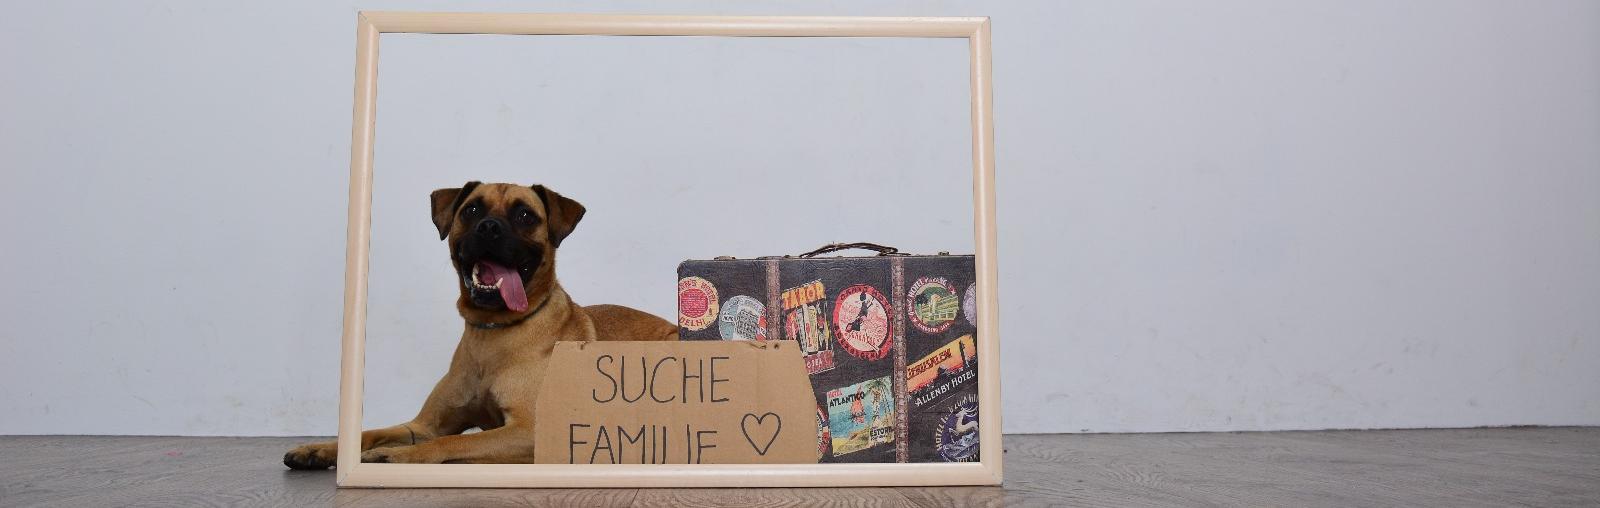 Hund Marley sucht eine Familie